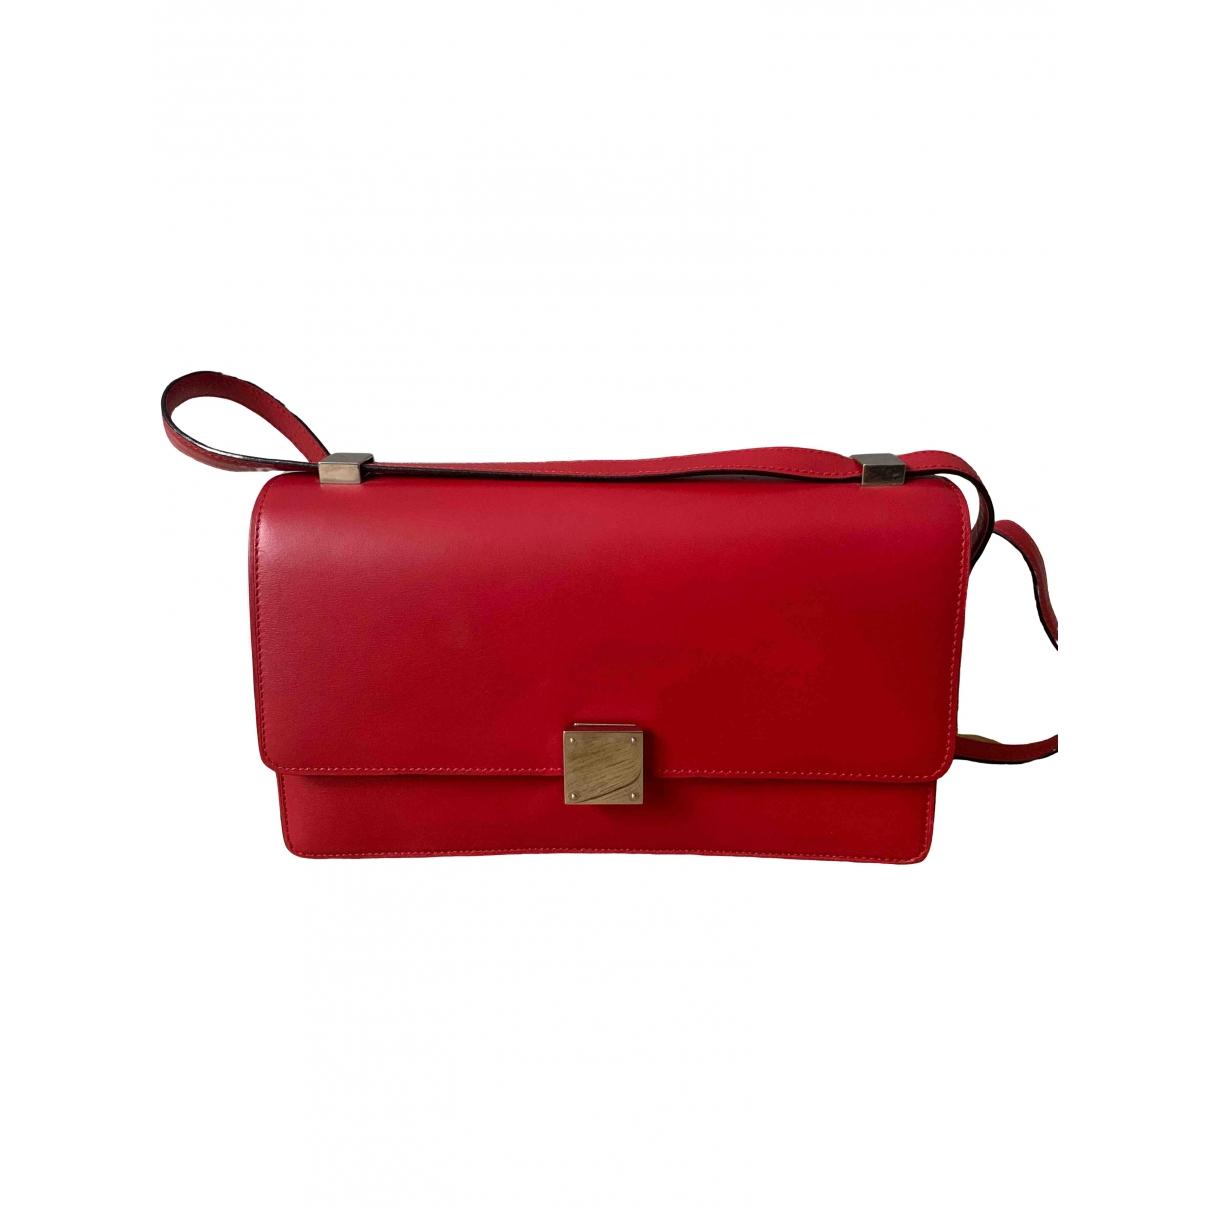 Celine Case flap Pink Leather handbag for Women \N